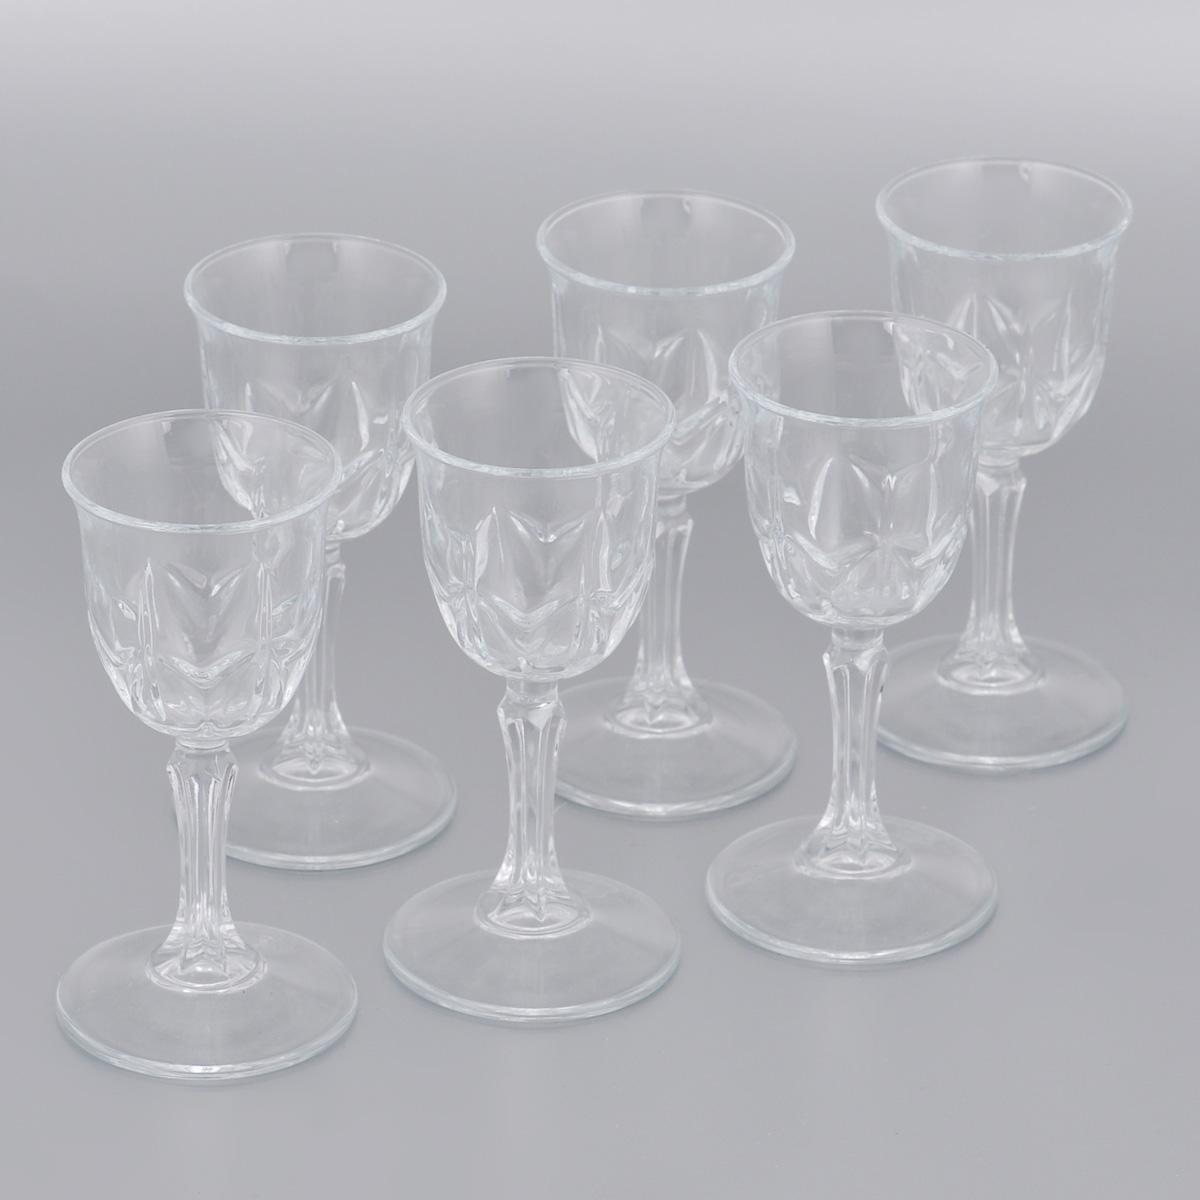 Набор бокалов для вина Pasabahce Karat, 270 мл, 6 шт440147BНабор Pasabahce Karat состоит из шести бокалов, выполненных из прочного натрий-кальций-силикатного стекла. Изделия оснащены рельефной поверхностью. Бокалы предназначены для подачи вина. Они сочетают в себе элегантный дизайн и функциональность. Благодаря такому набору пить напитки будет еще вкуснее. Набор бокалов Pasabahce Karat прекрасно оформит праздничный стол и создаст приятную атмосферу за романтическим ужином. Такой набор также станет хорошим подарком к любому случаю. Можно мыть в посудомоечной машине и использовать в микроволновой печи. Диаметр бокала (по верхнему краю): 8,3 см. Высота бокала: 16,5 см.